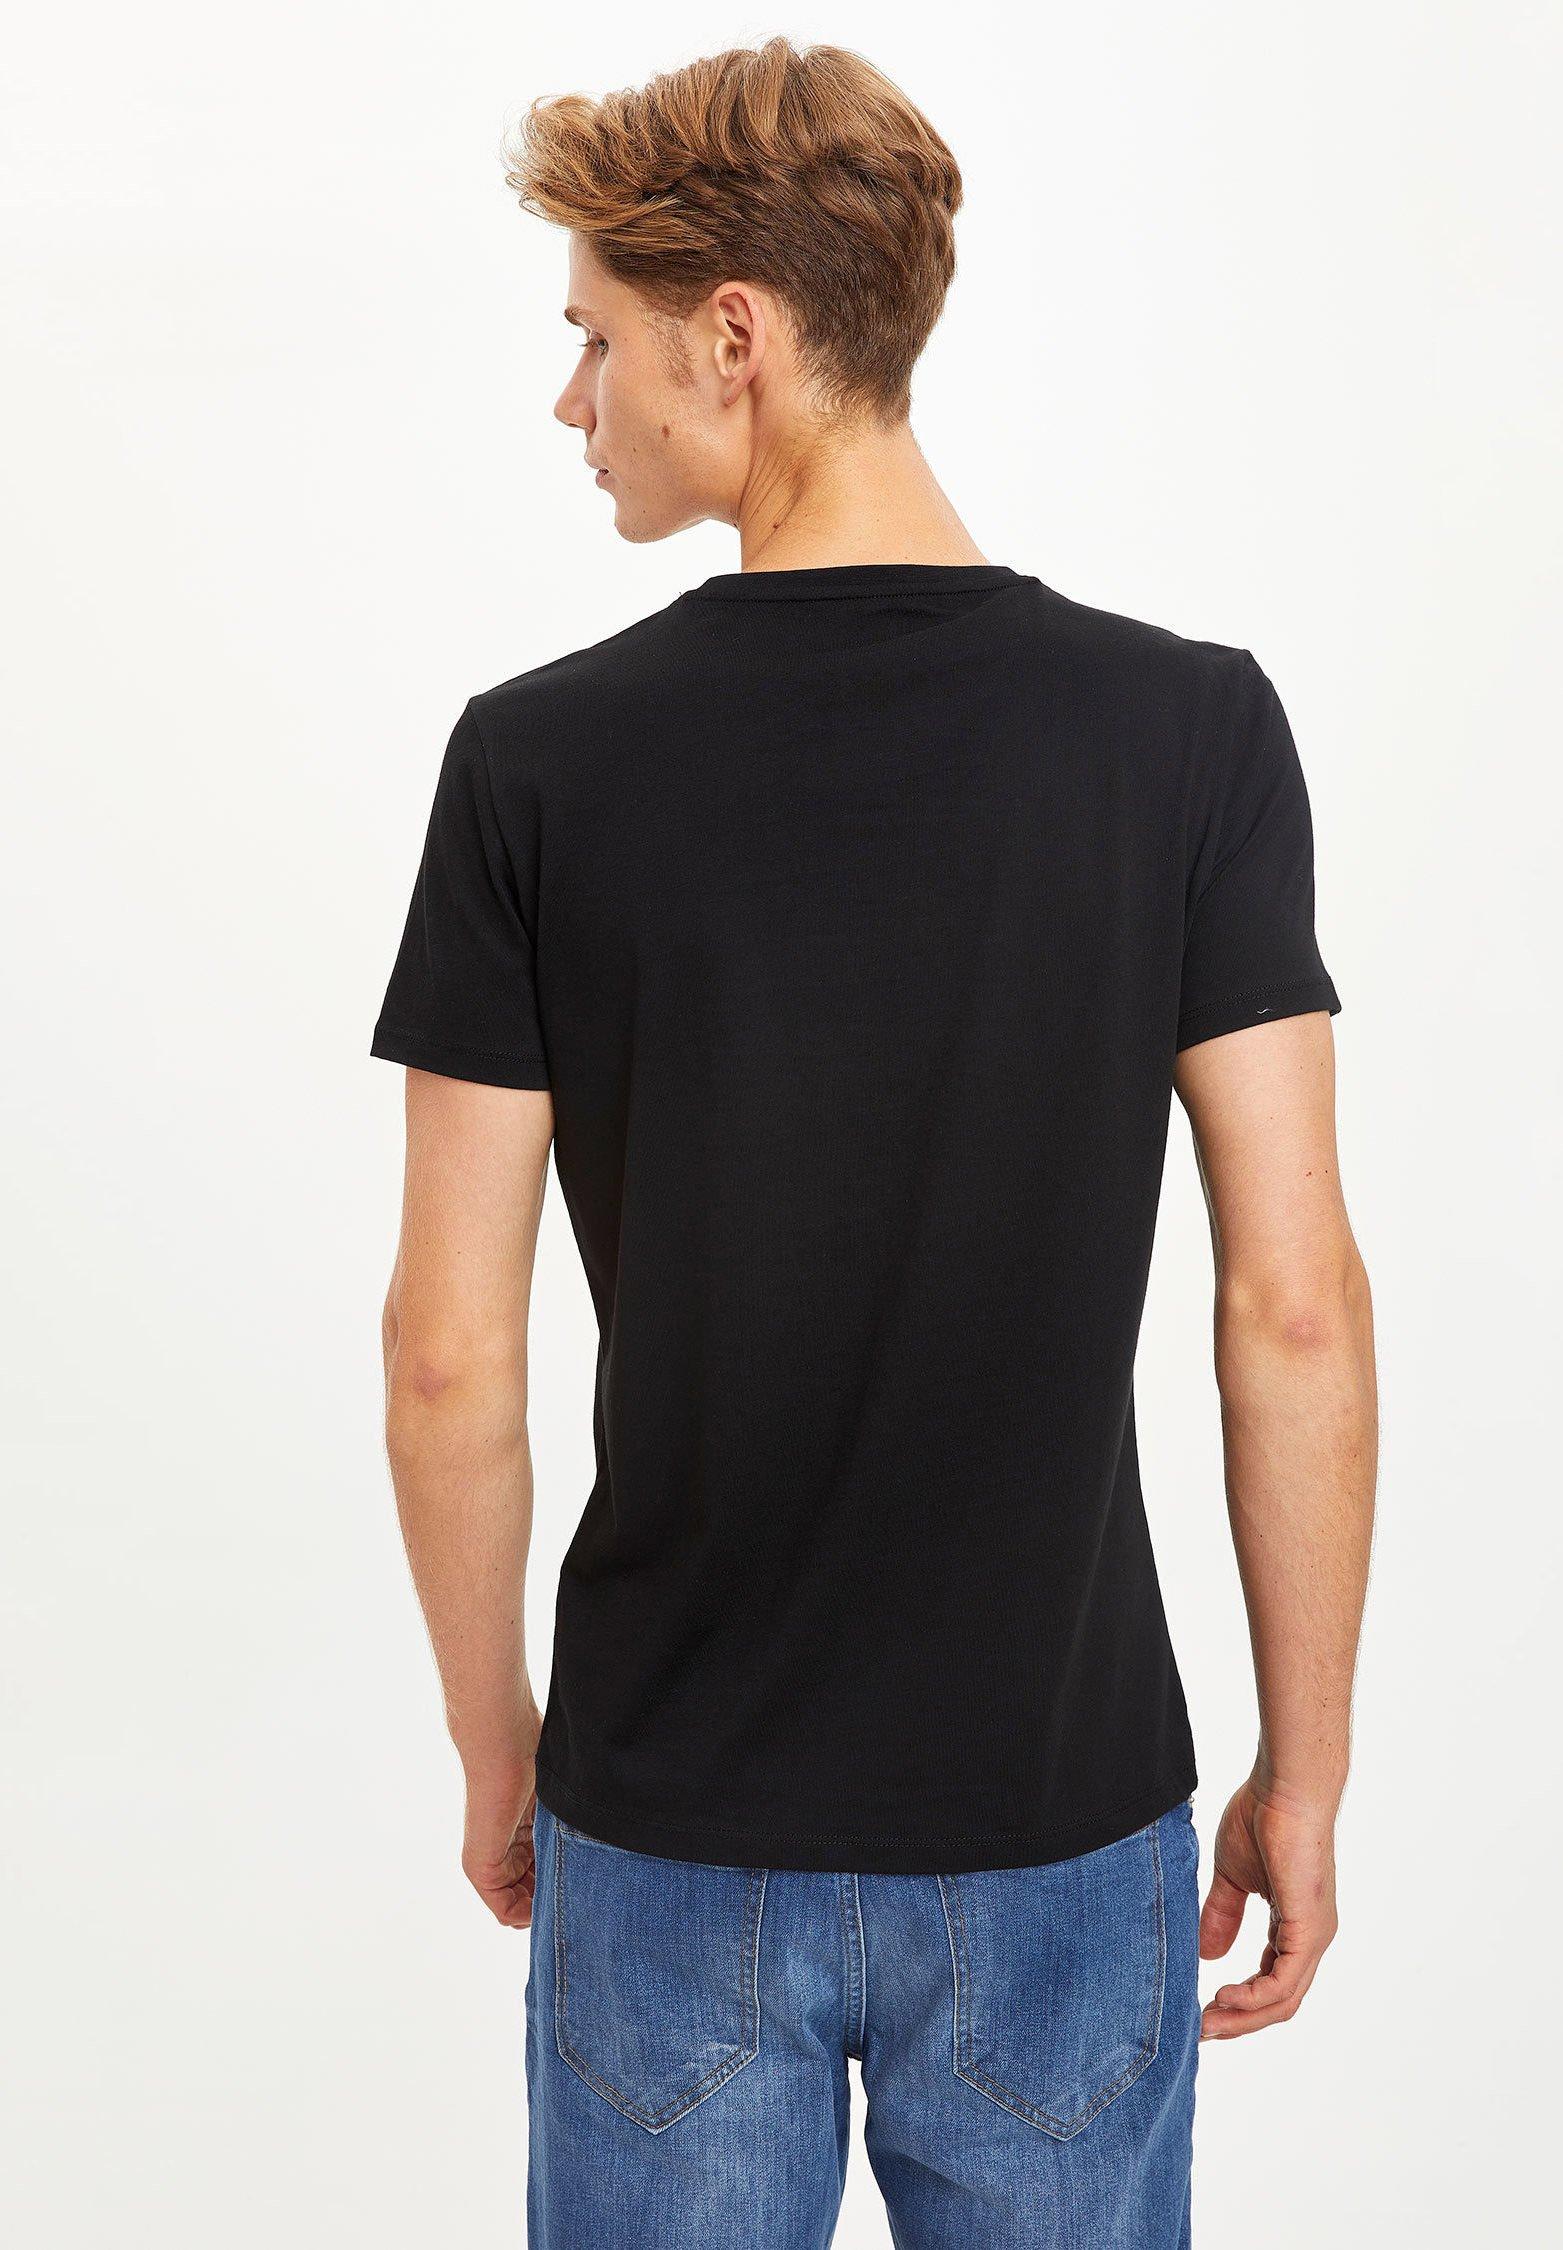 DeFacto Print T-shirt - black ADA9K